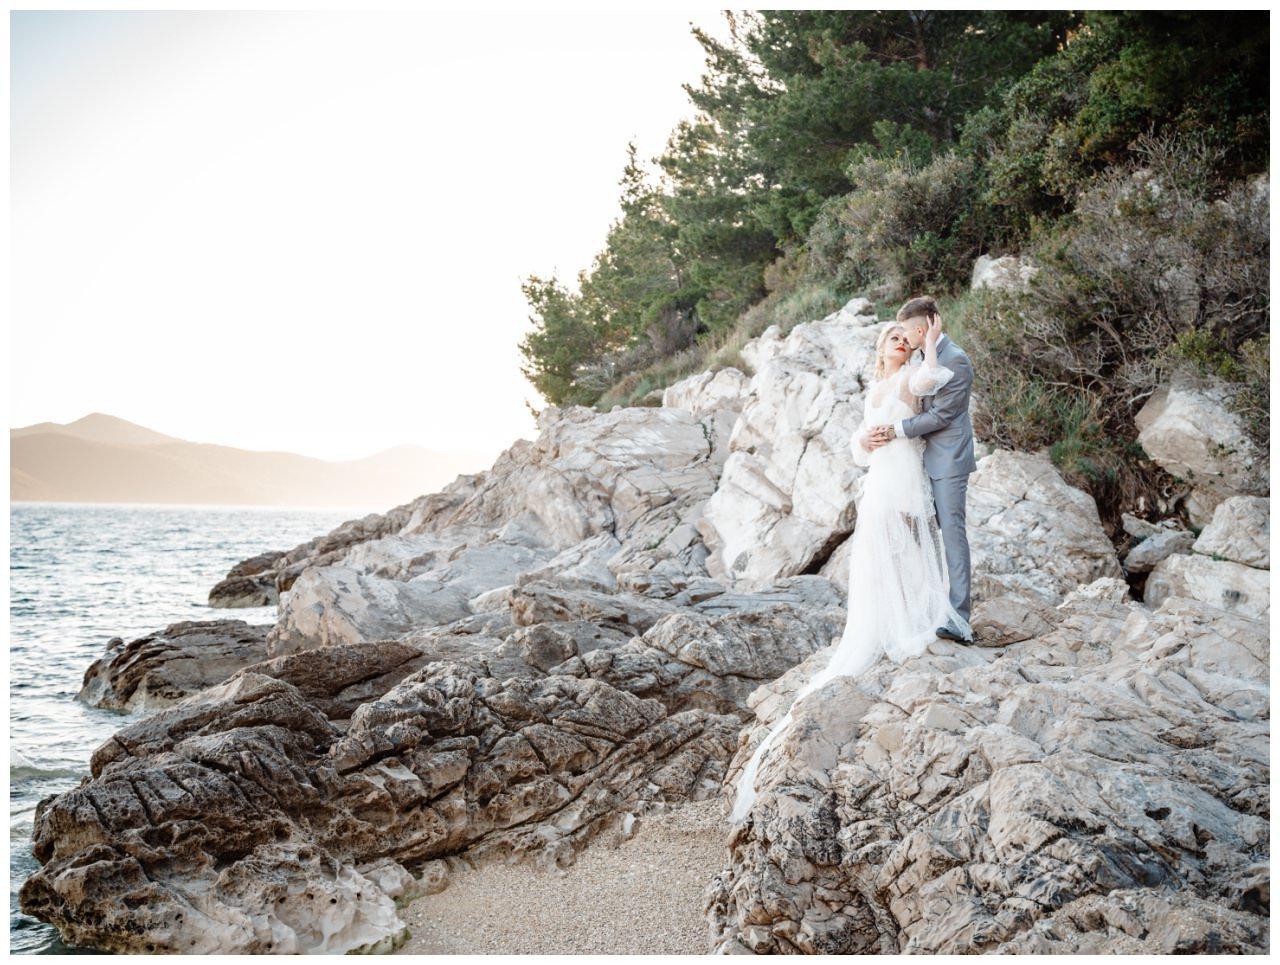 Hochzeit Strand Kroatien Hochzetsplanung Hochzeitsplaner Fotograf 17 - Kleine Hochzeit am Strand